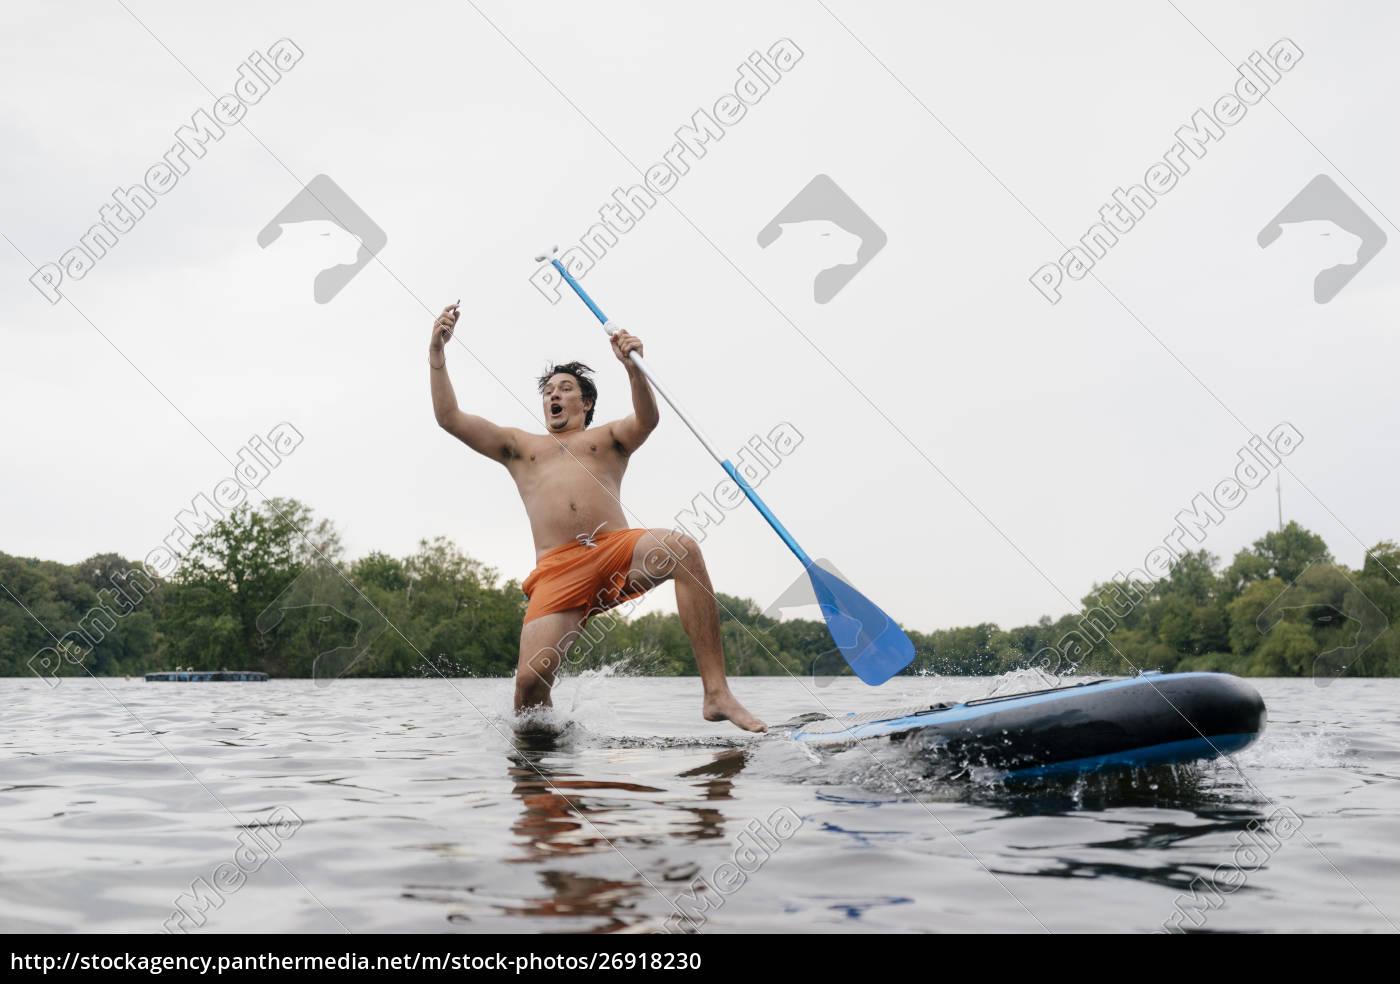 hombre, cayendo, de, la, tabla, sup - 26918230